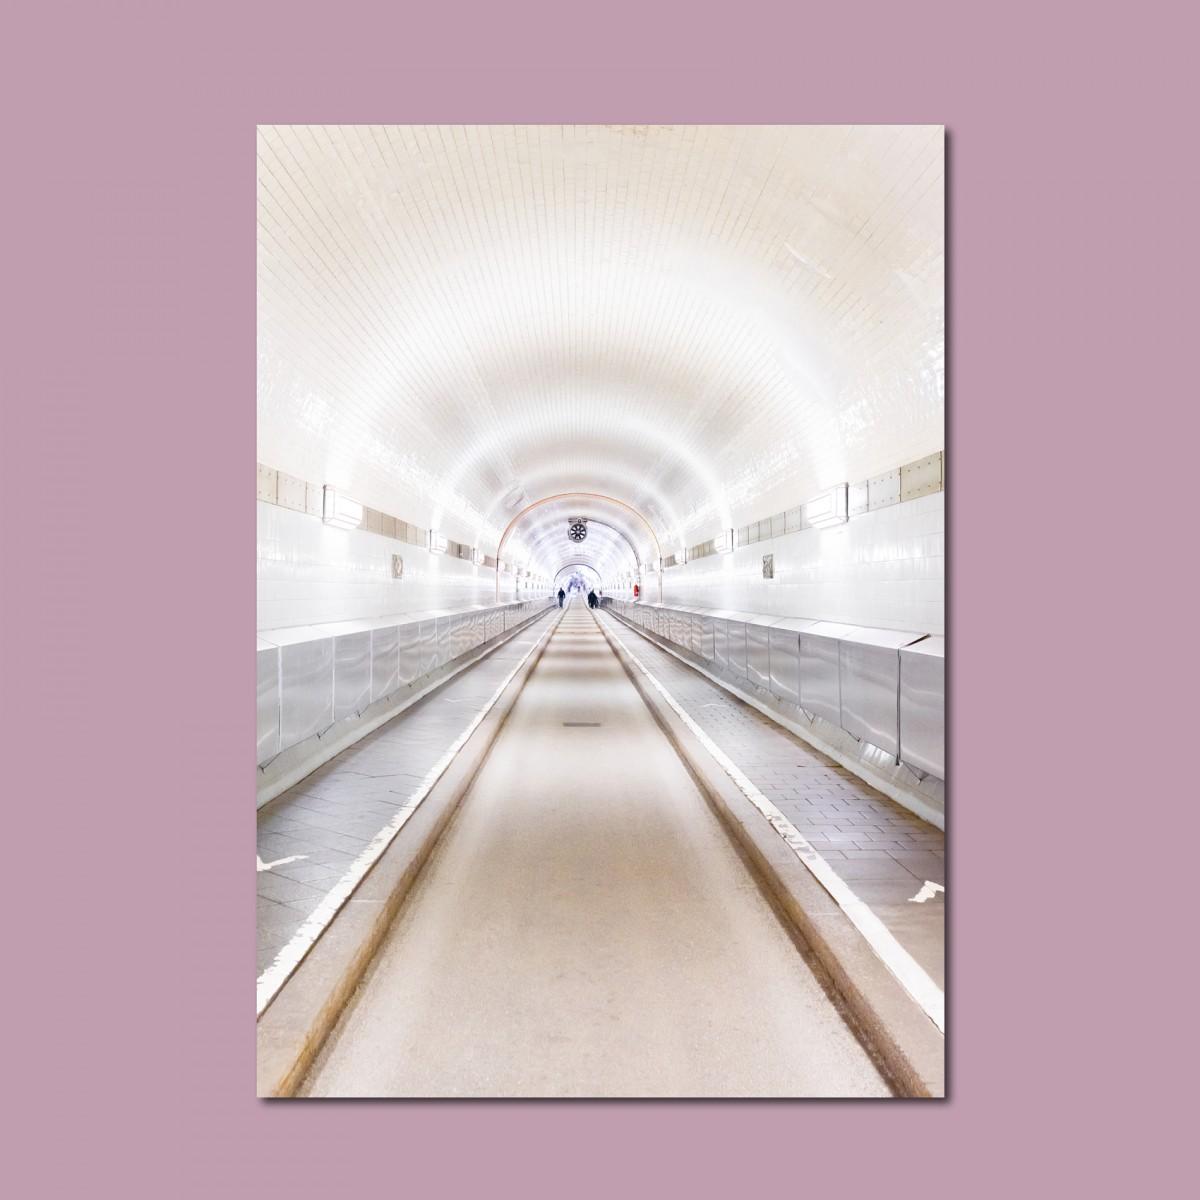 'Alter Elbtunnel' limitierter Fotodruck auf Naturpapier, DIN A2, klimaneutral gedruckt / Ankerwechsel Verlag